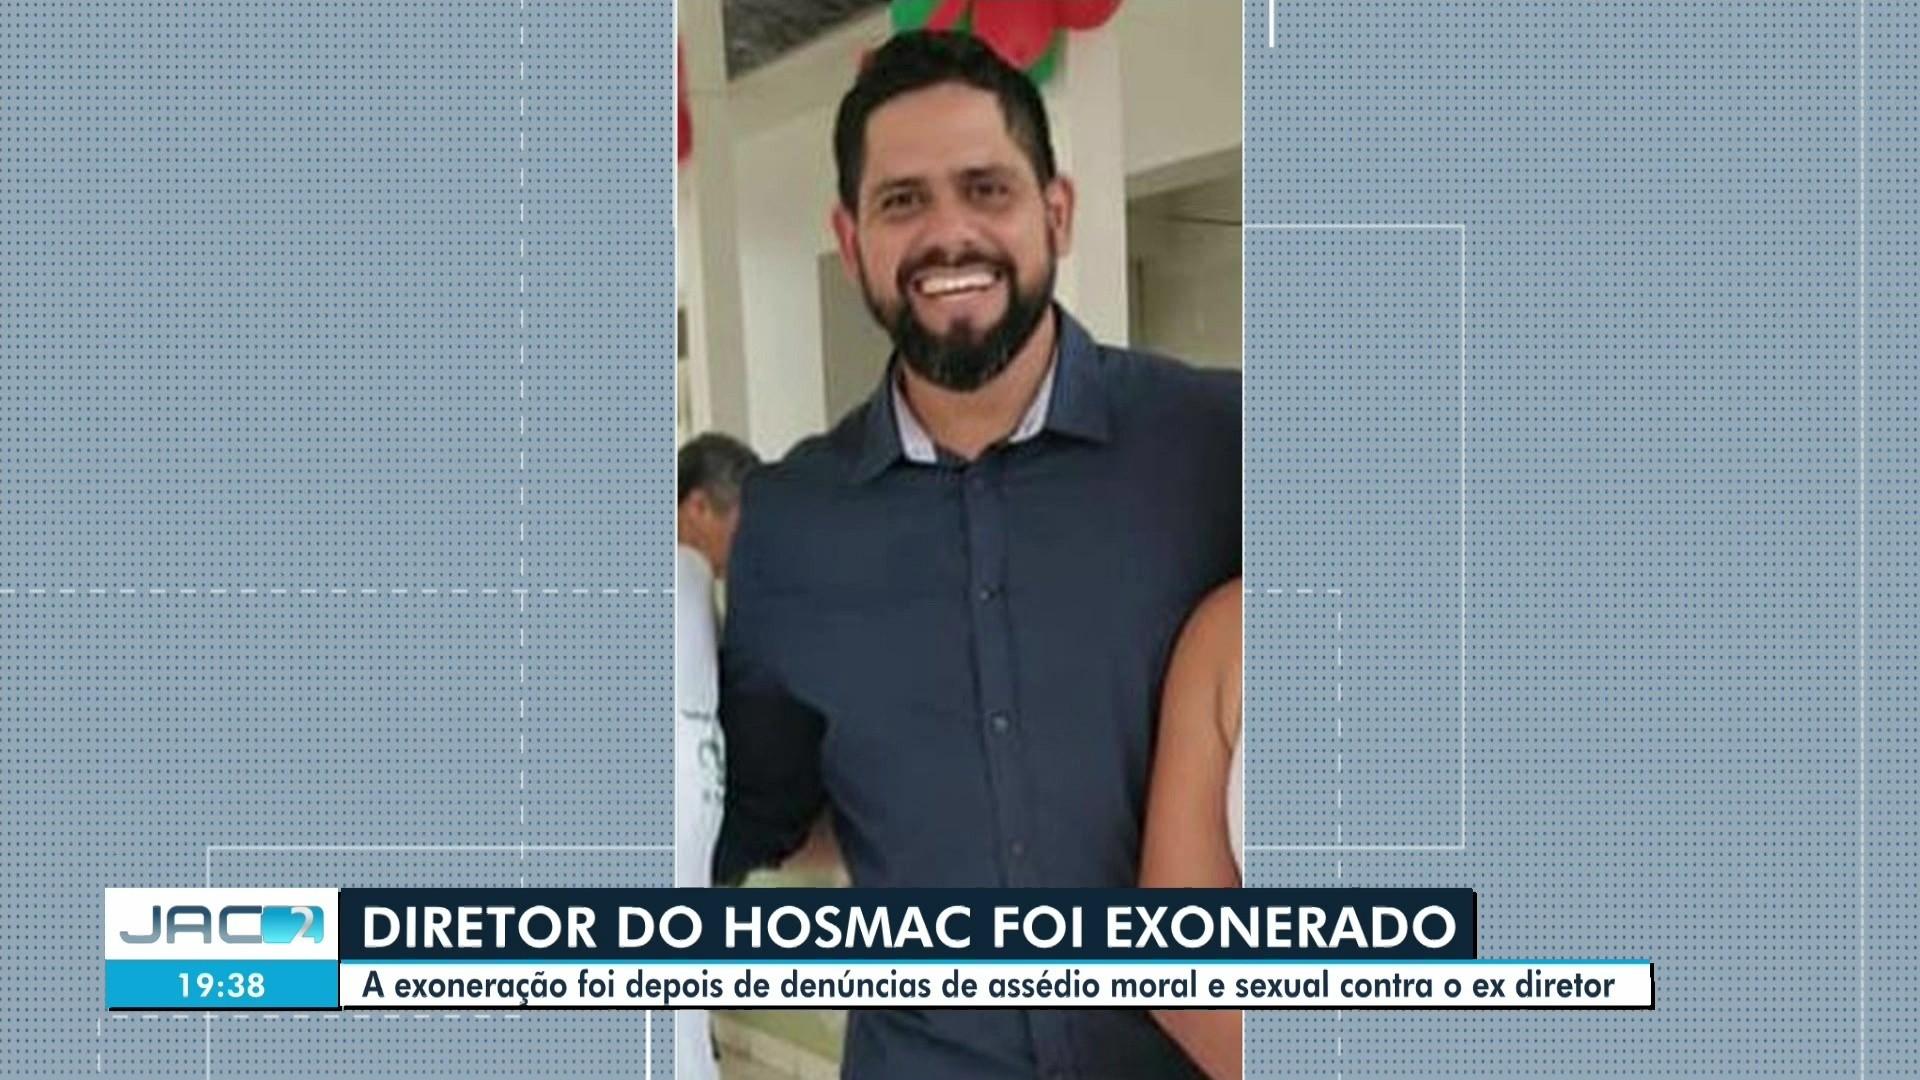 VÍDEOS: Jornal do Acre 2ª edição - AC de quinta-feira, 21 de outubro